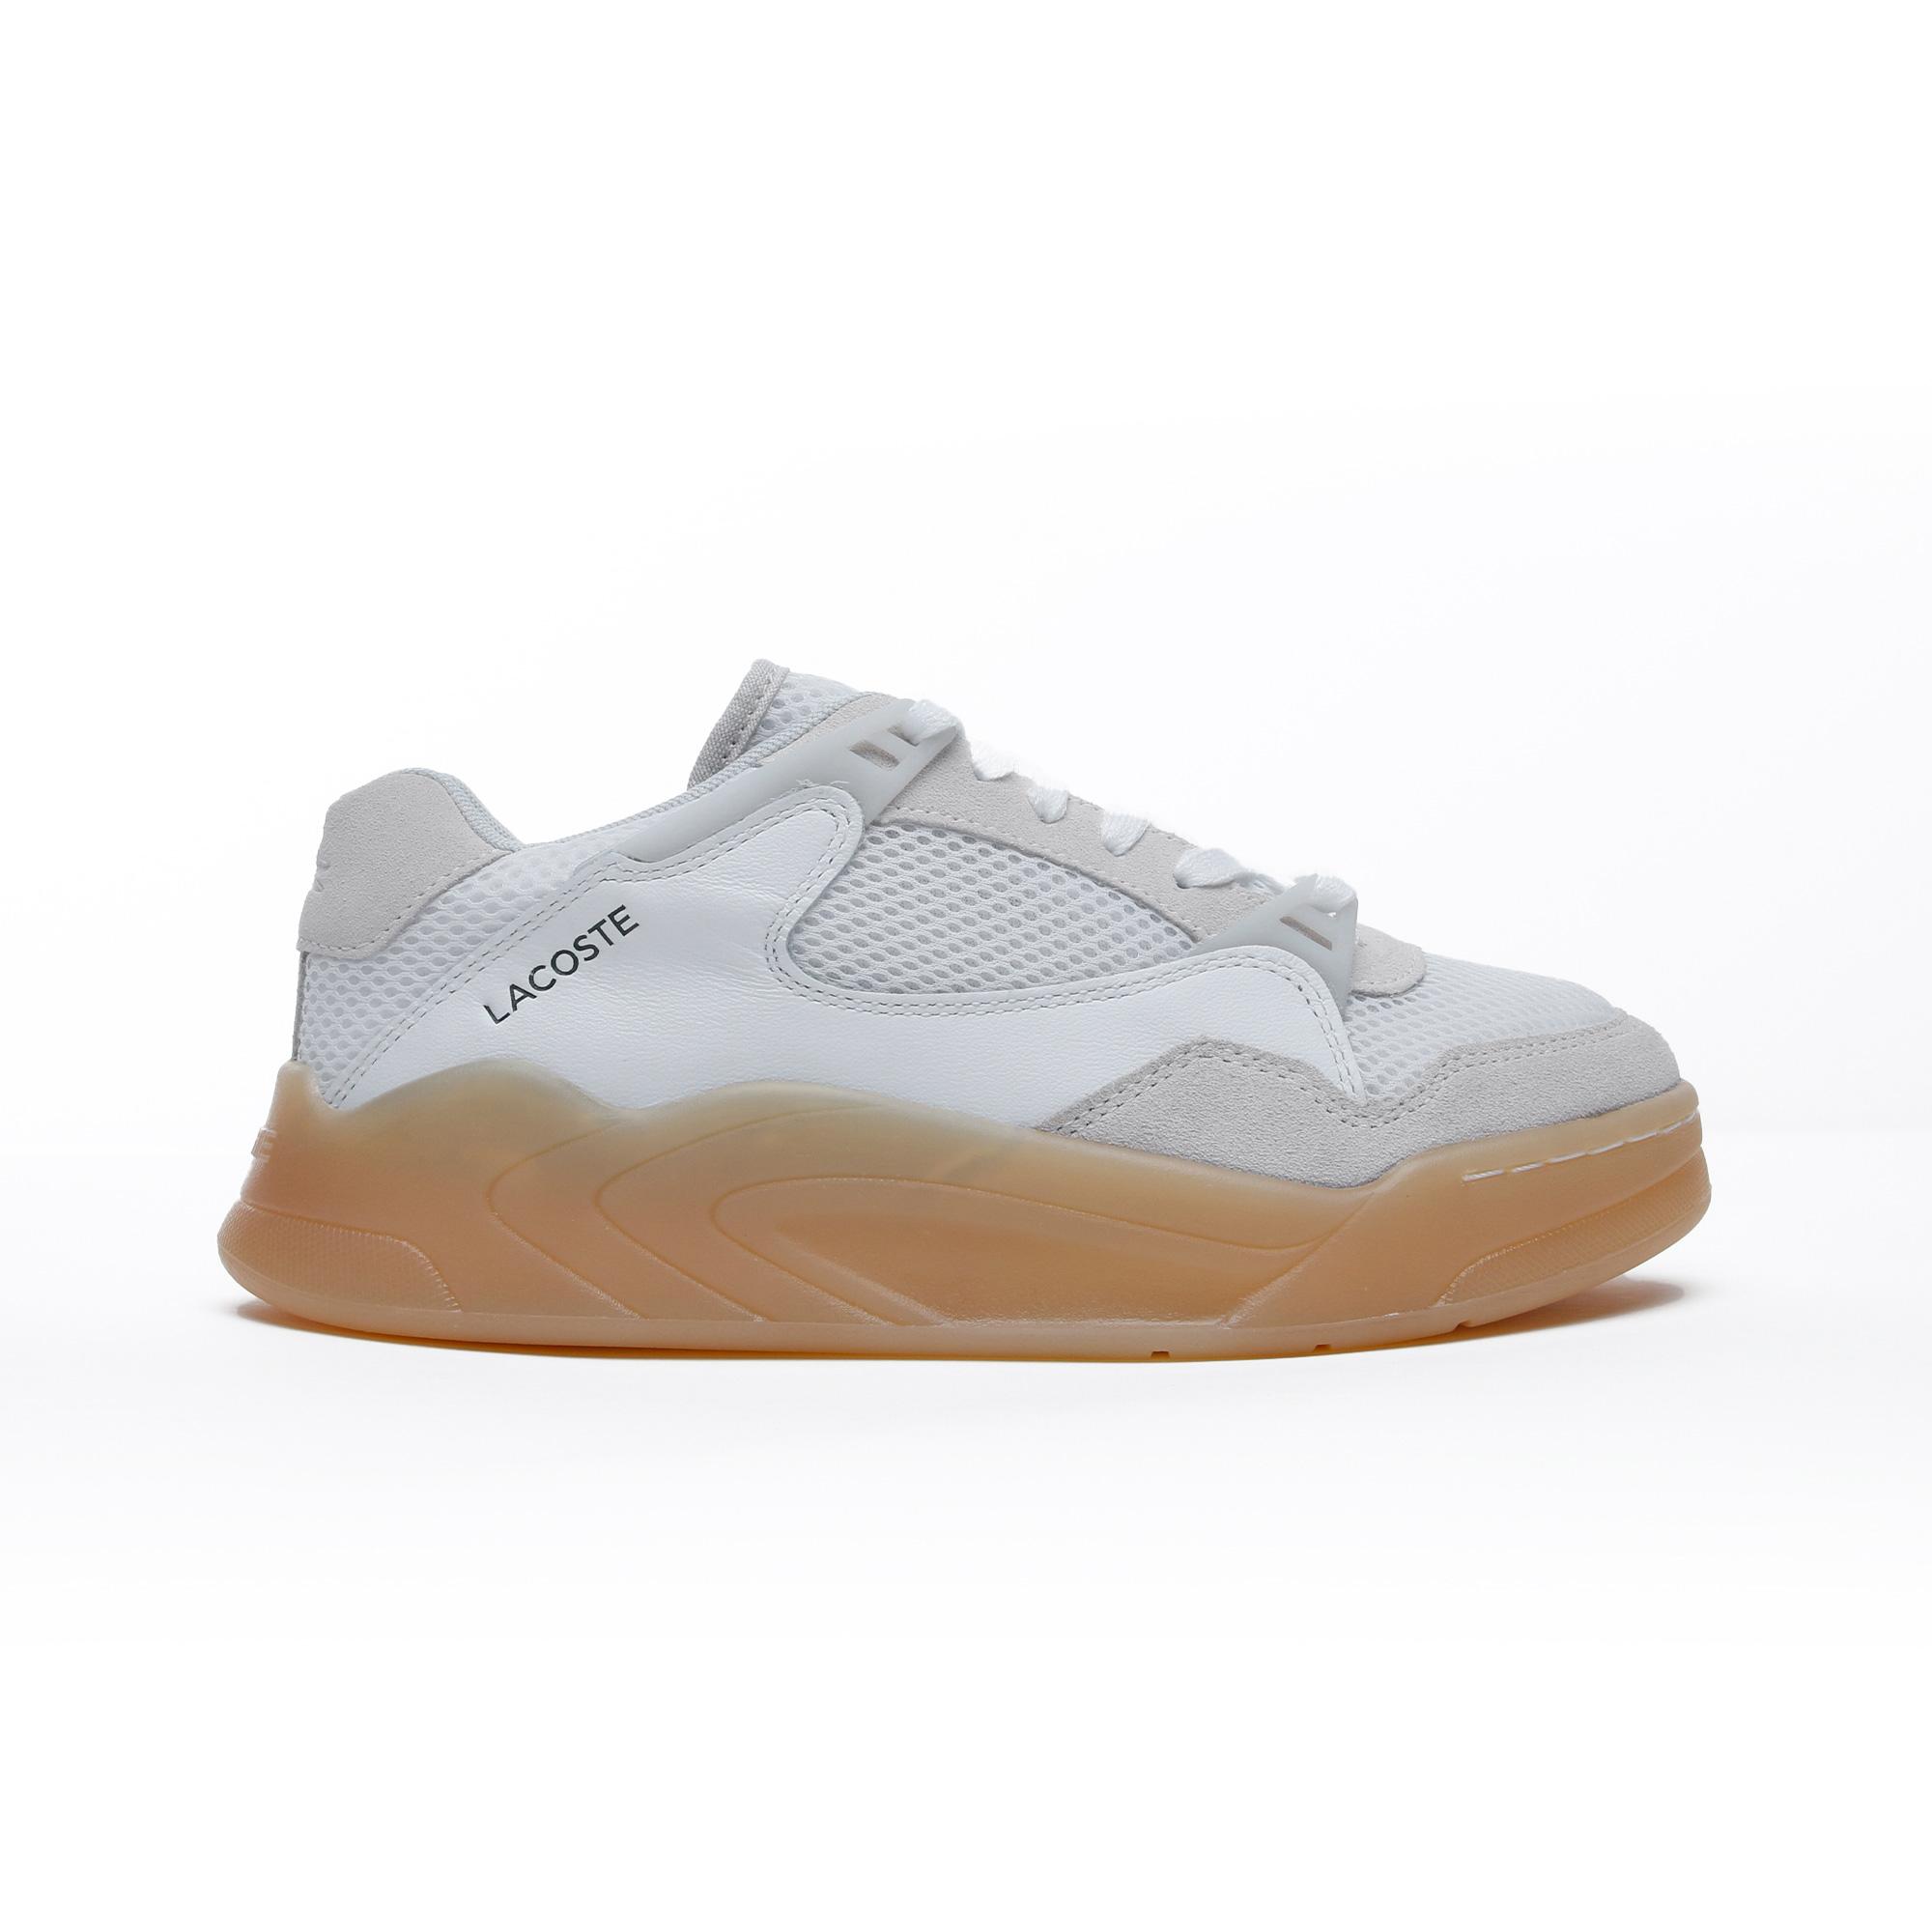 Lacoste Court Slam Dynamic Kadın Beyaz Spor Ayakkabı